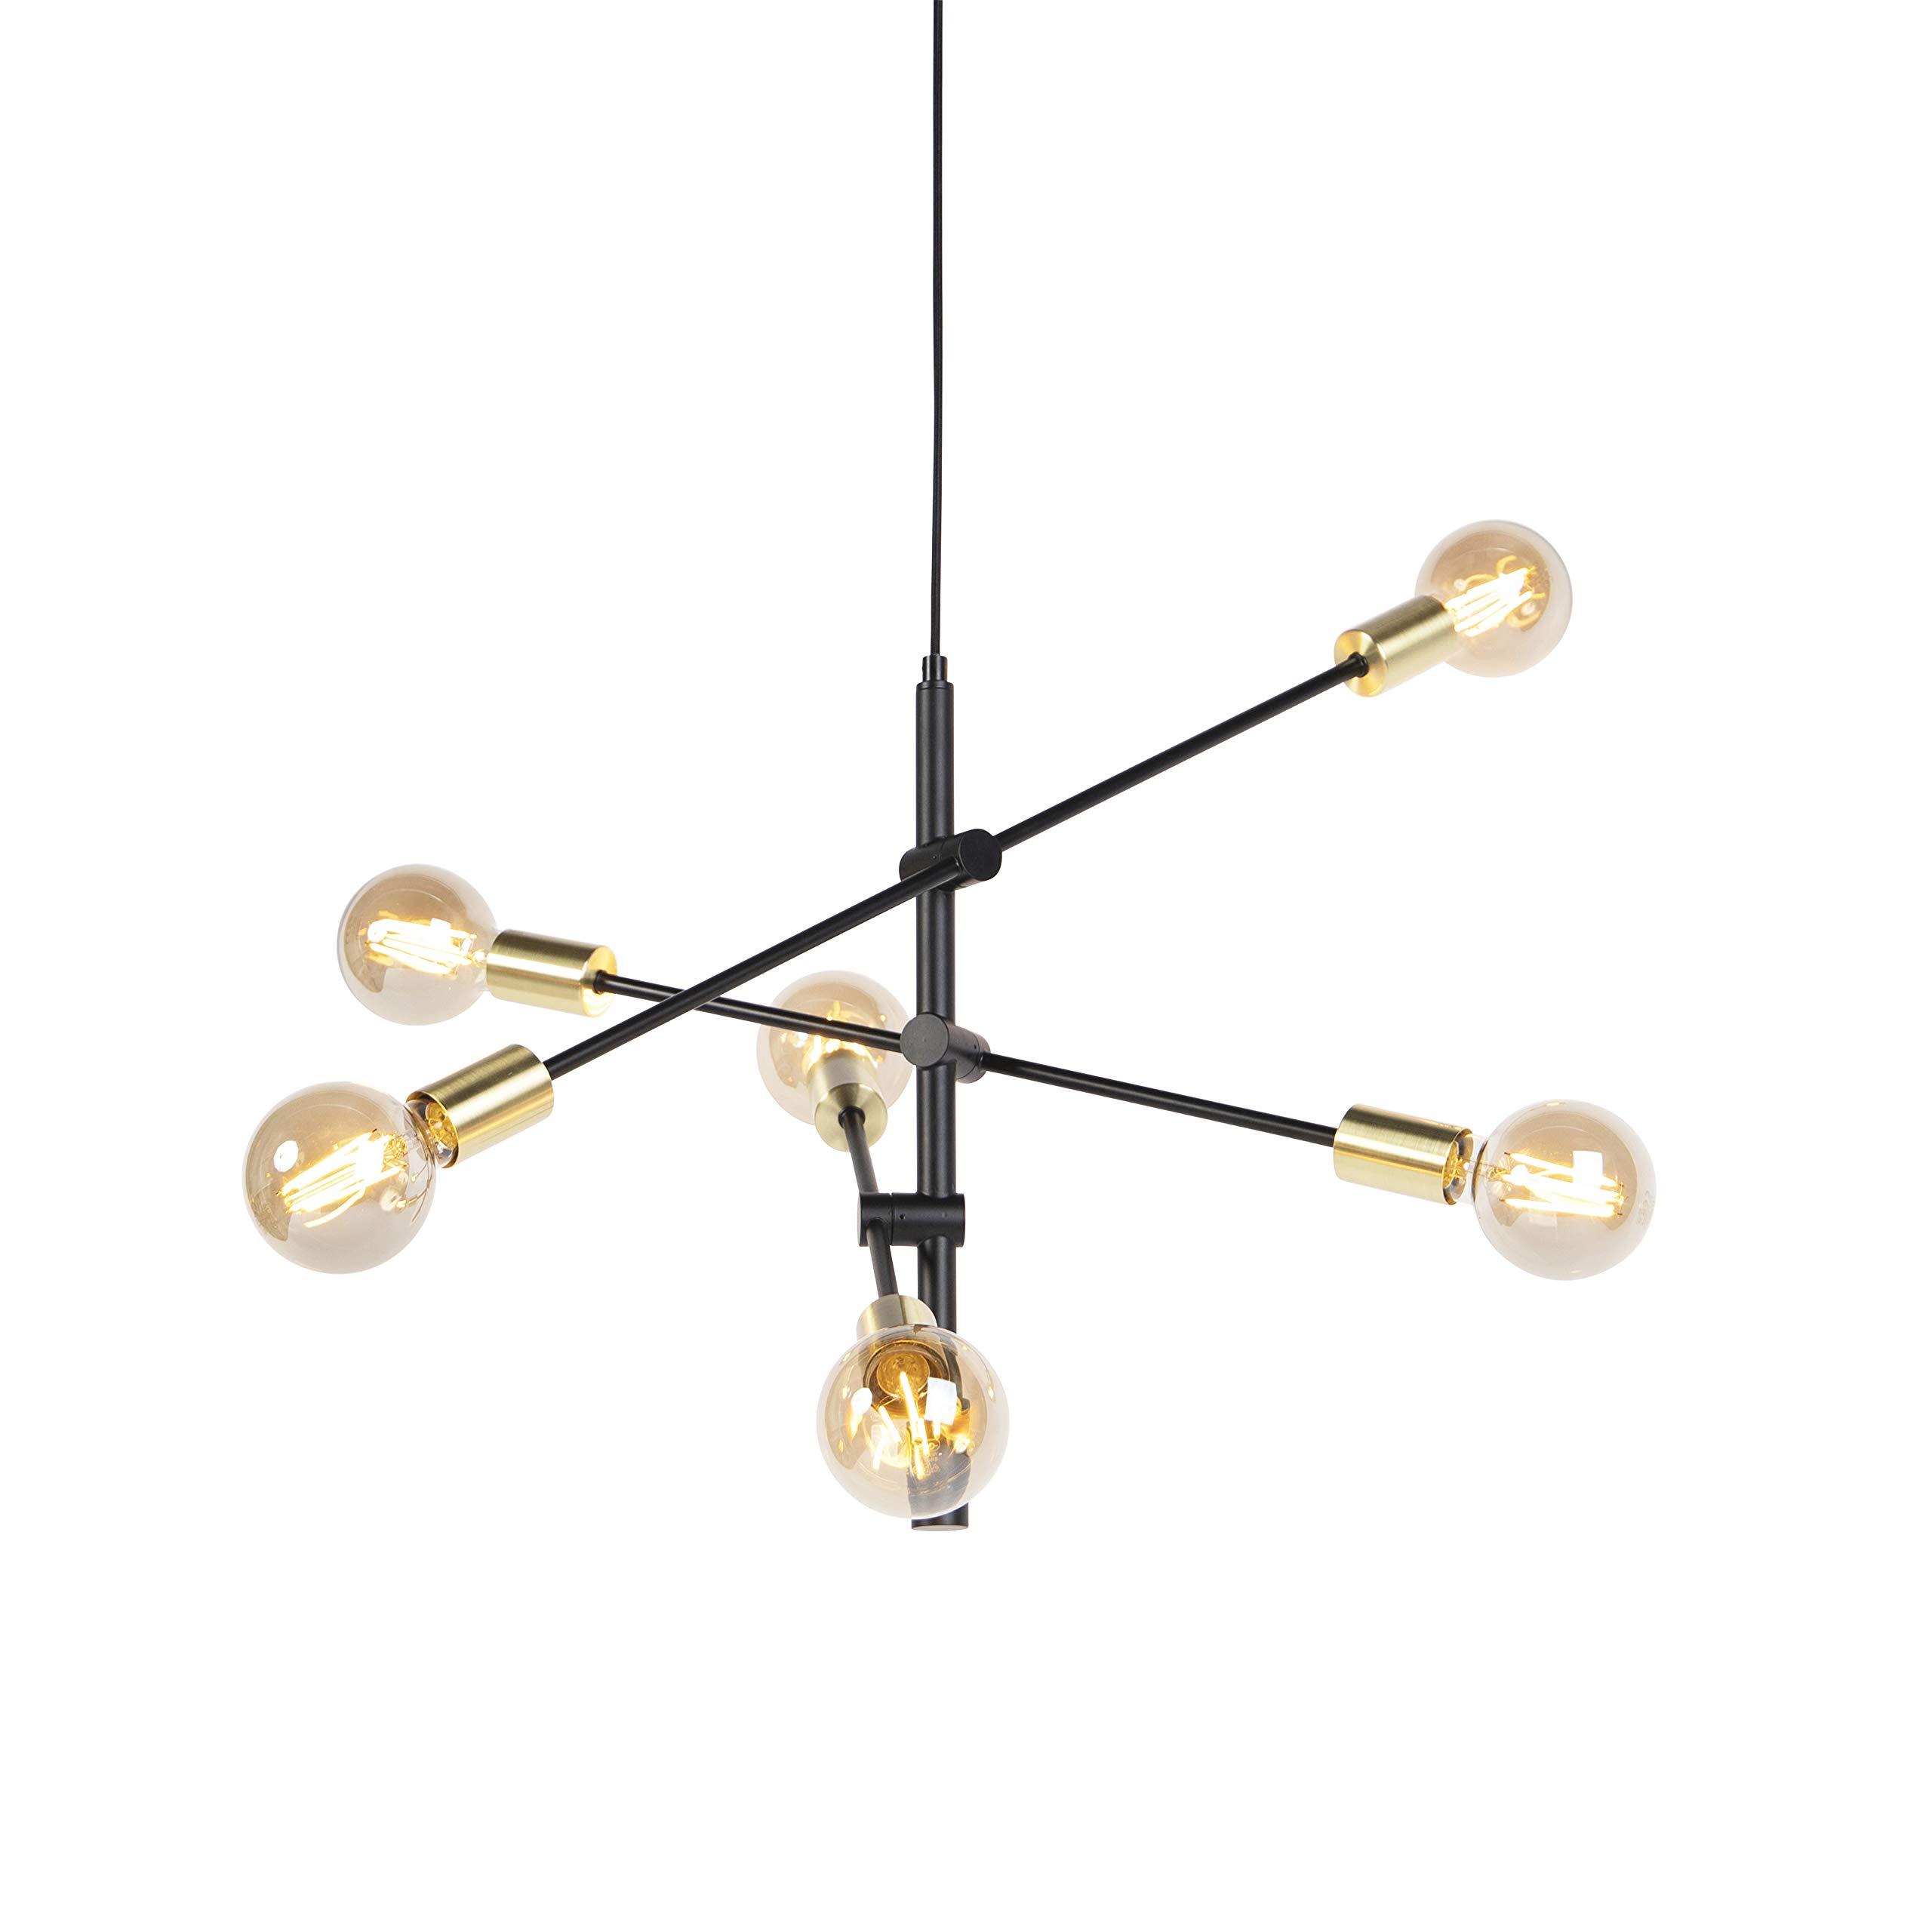 Schwarz//Messing beschichtet House Doctor Lampe Molekular